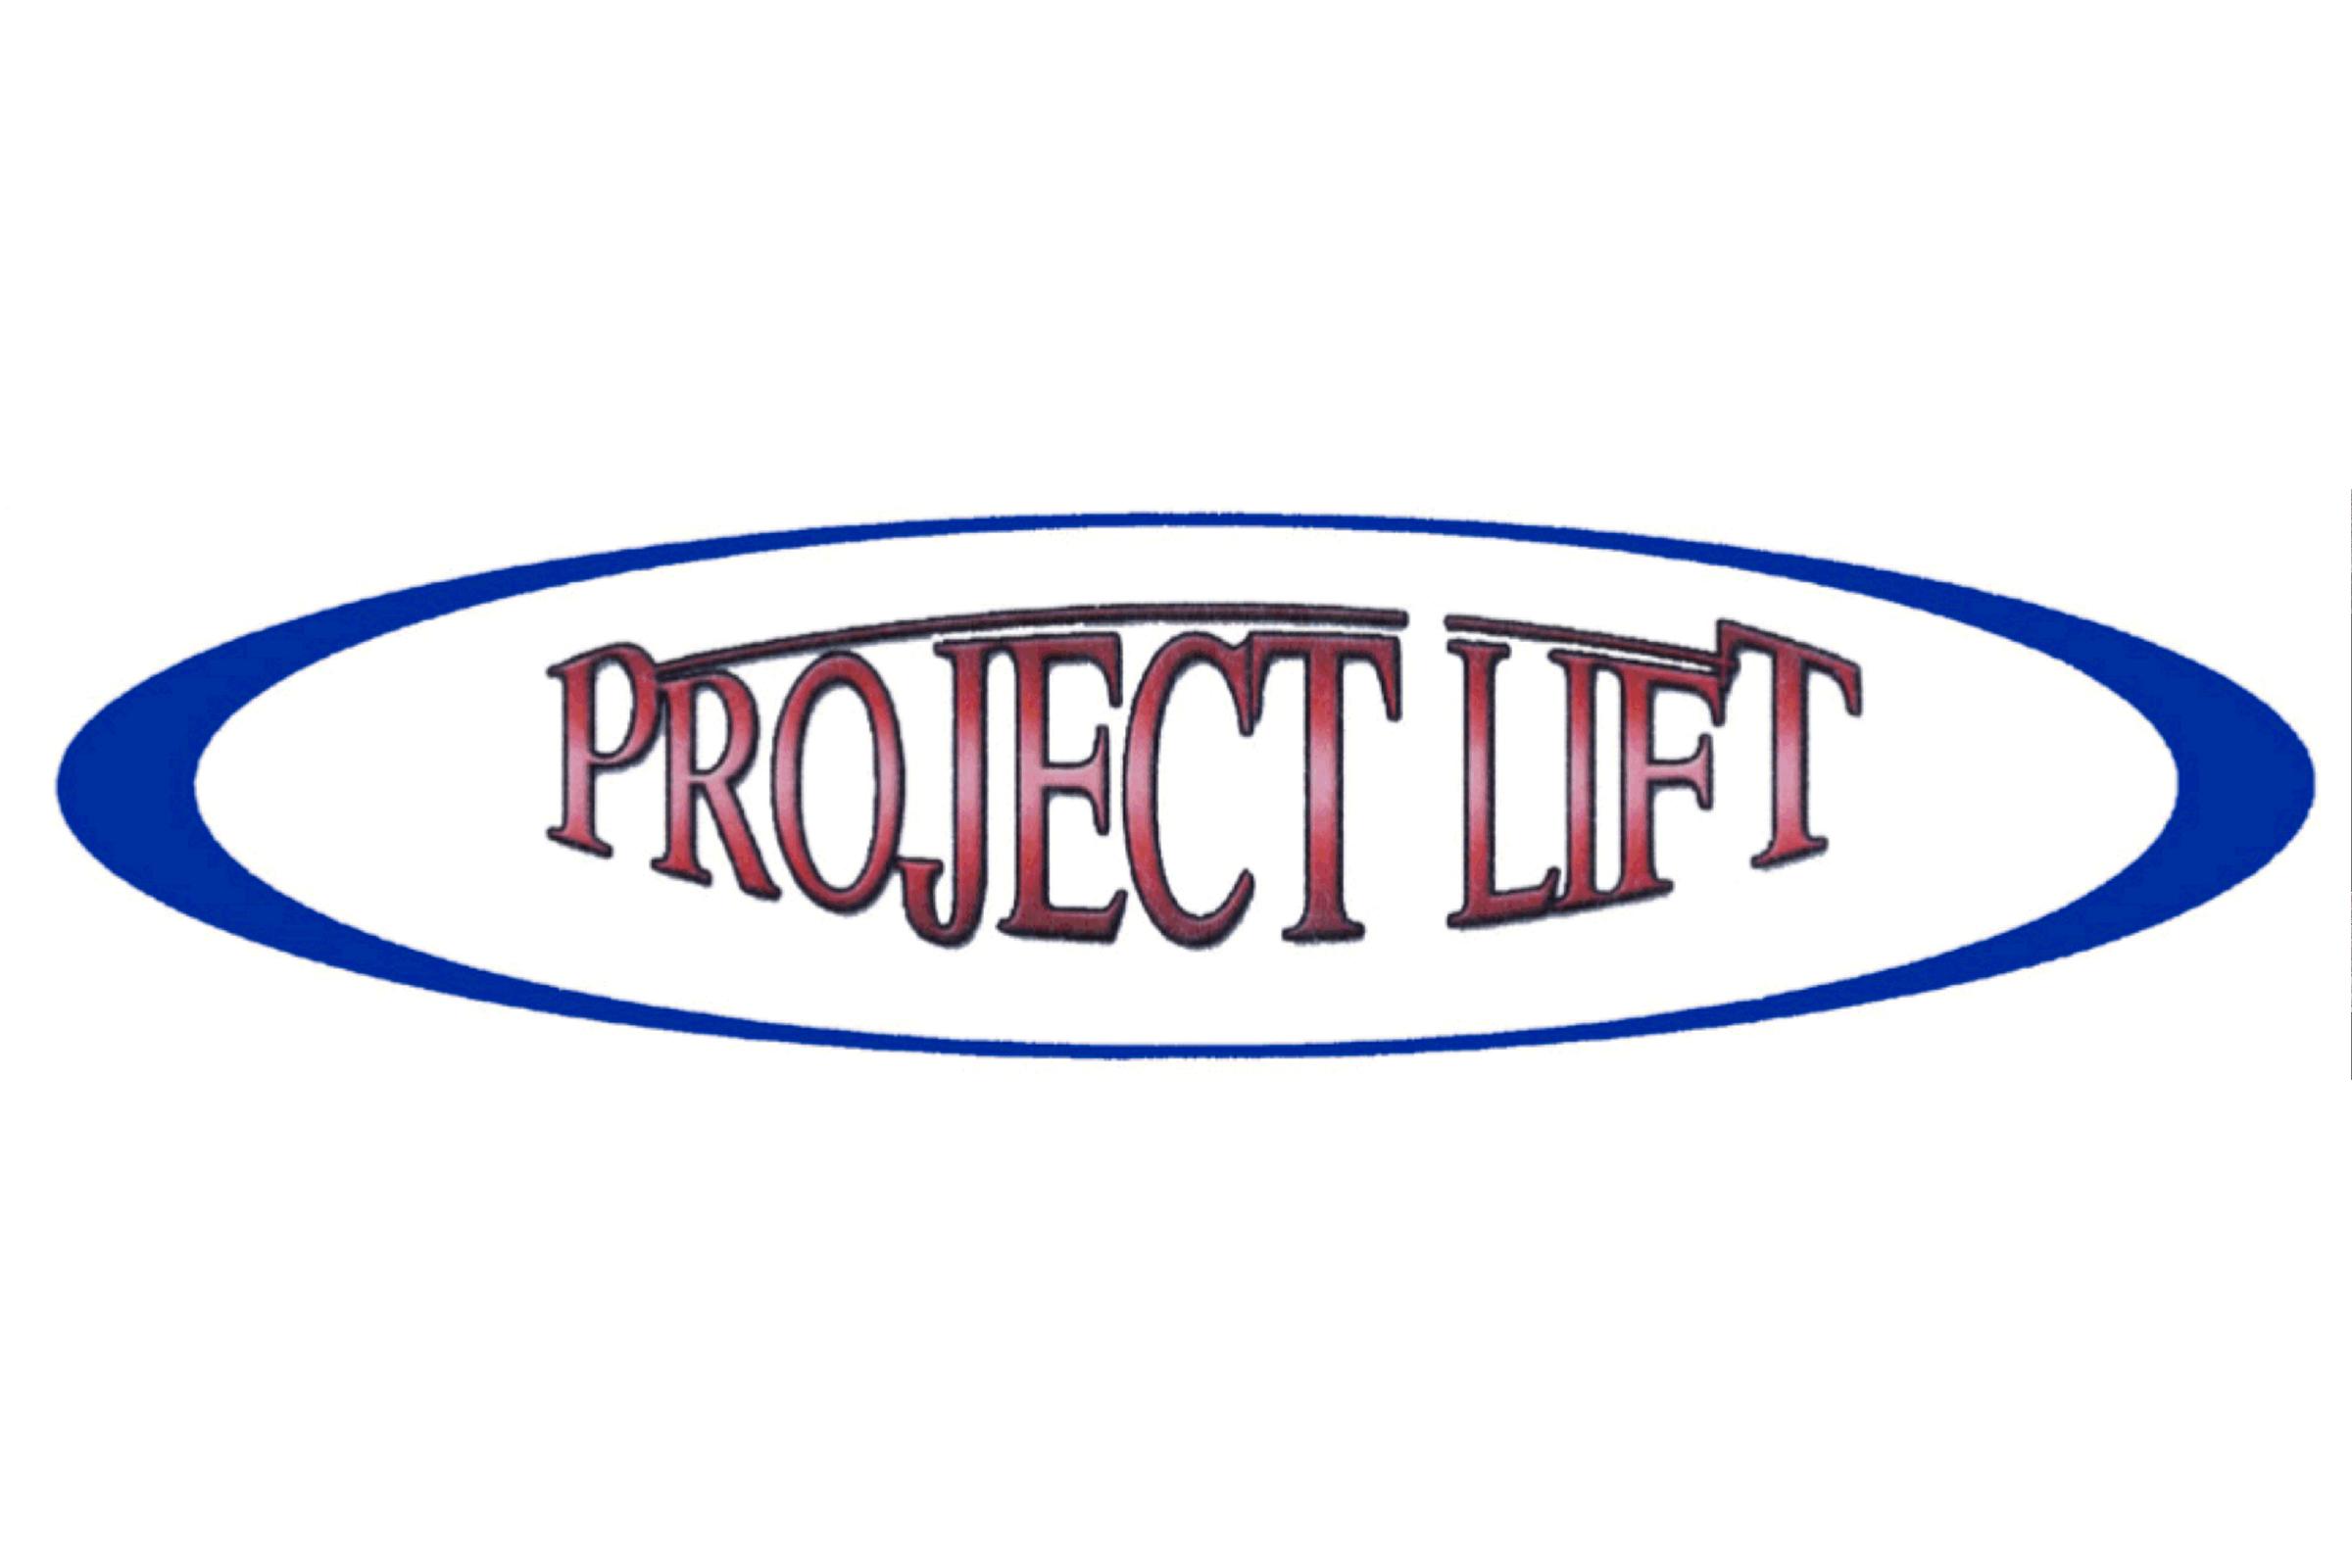 Project L.I.F.T